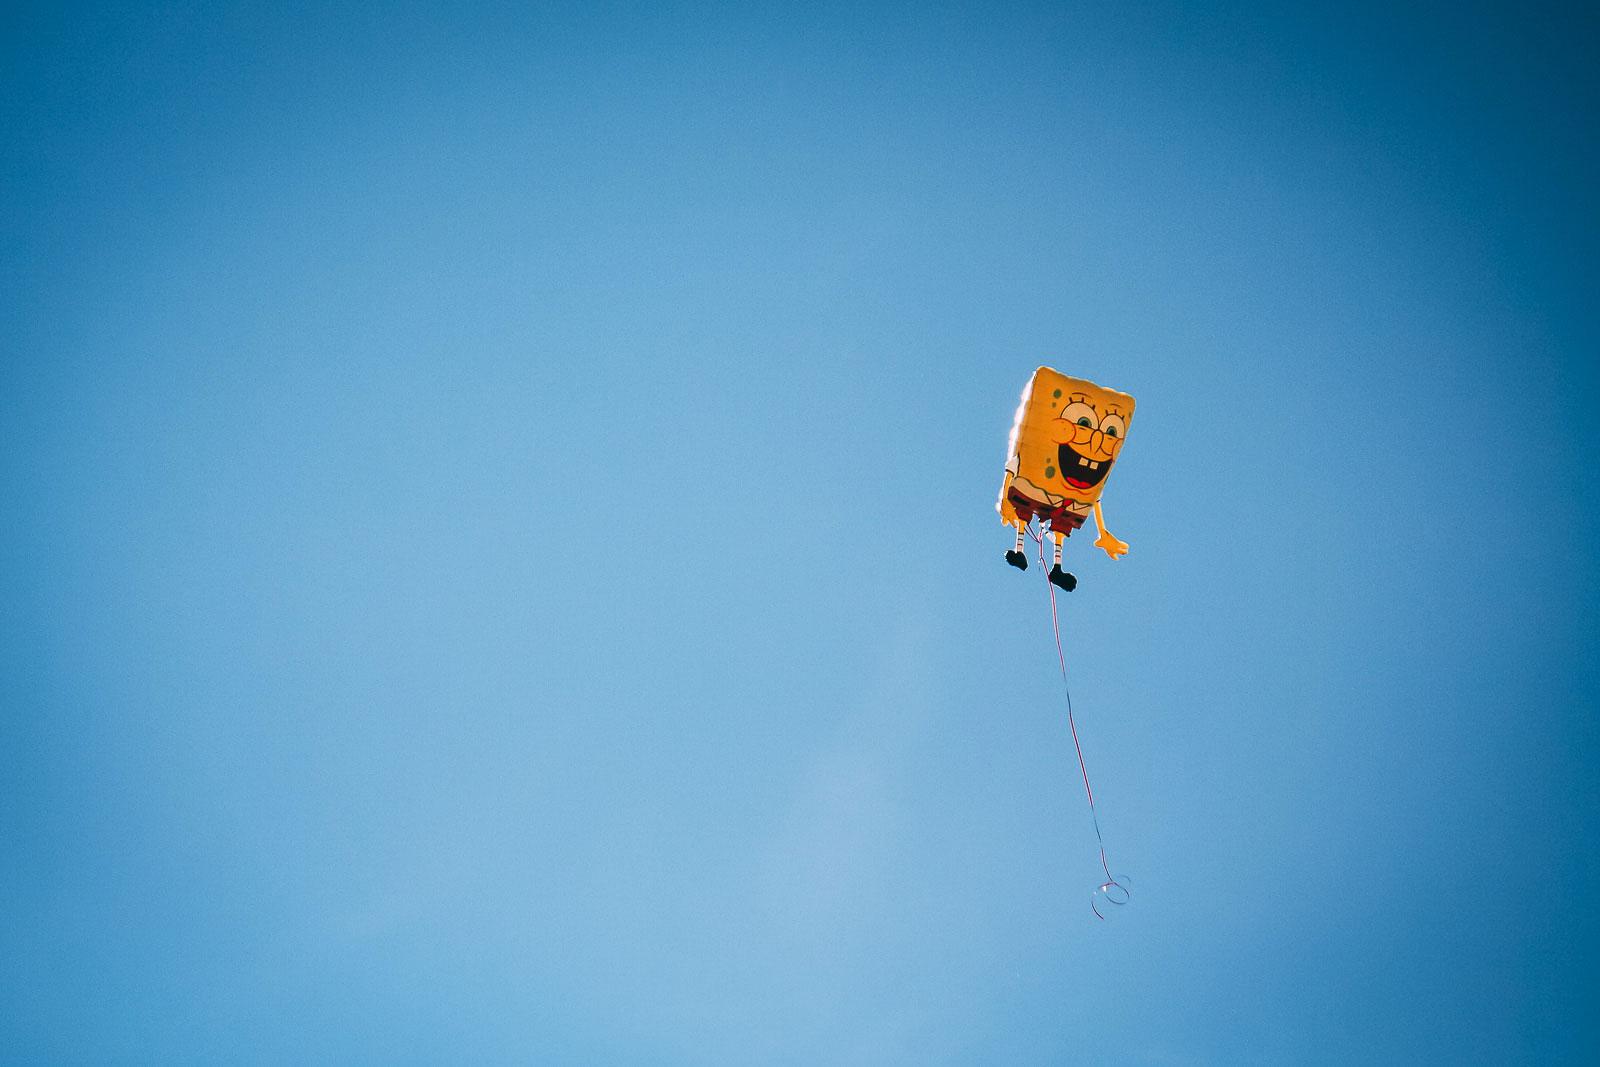 Oh nein! Der arme SpongeBob! ... Guten Flug!